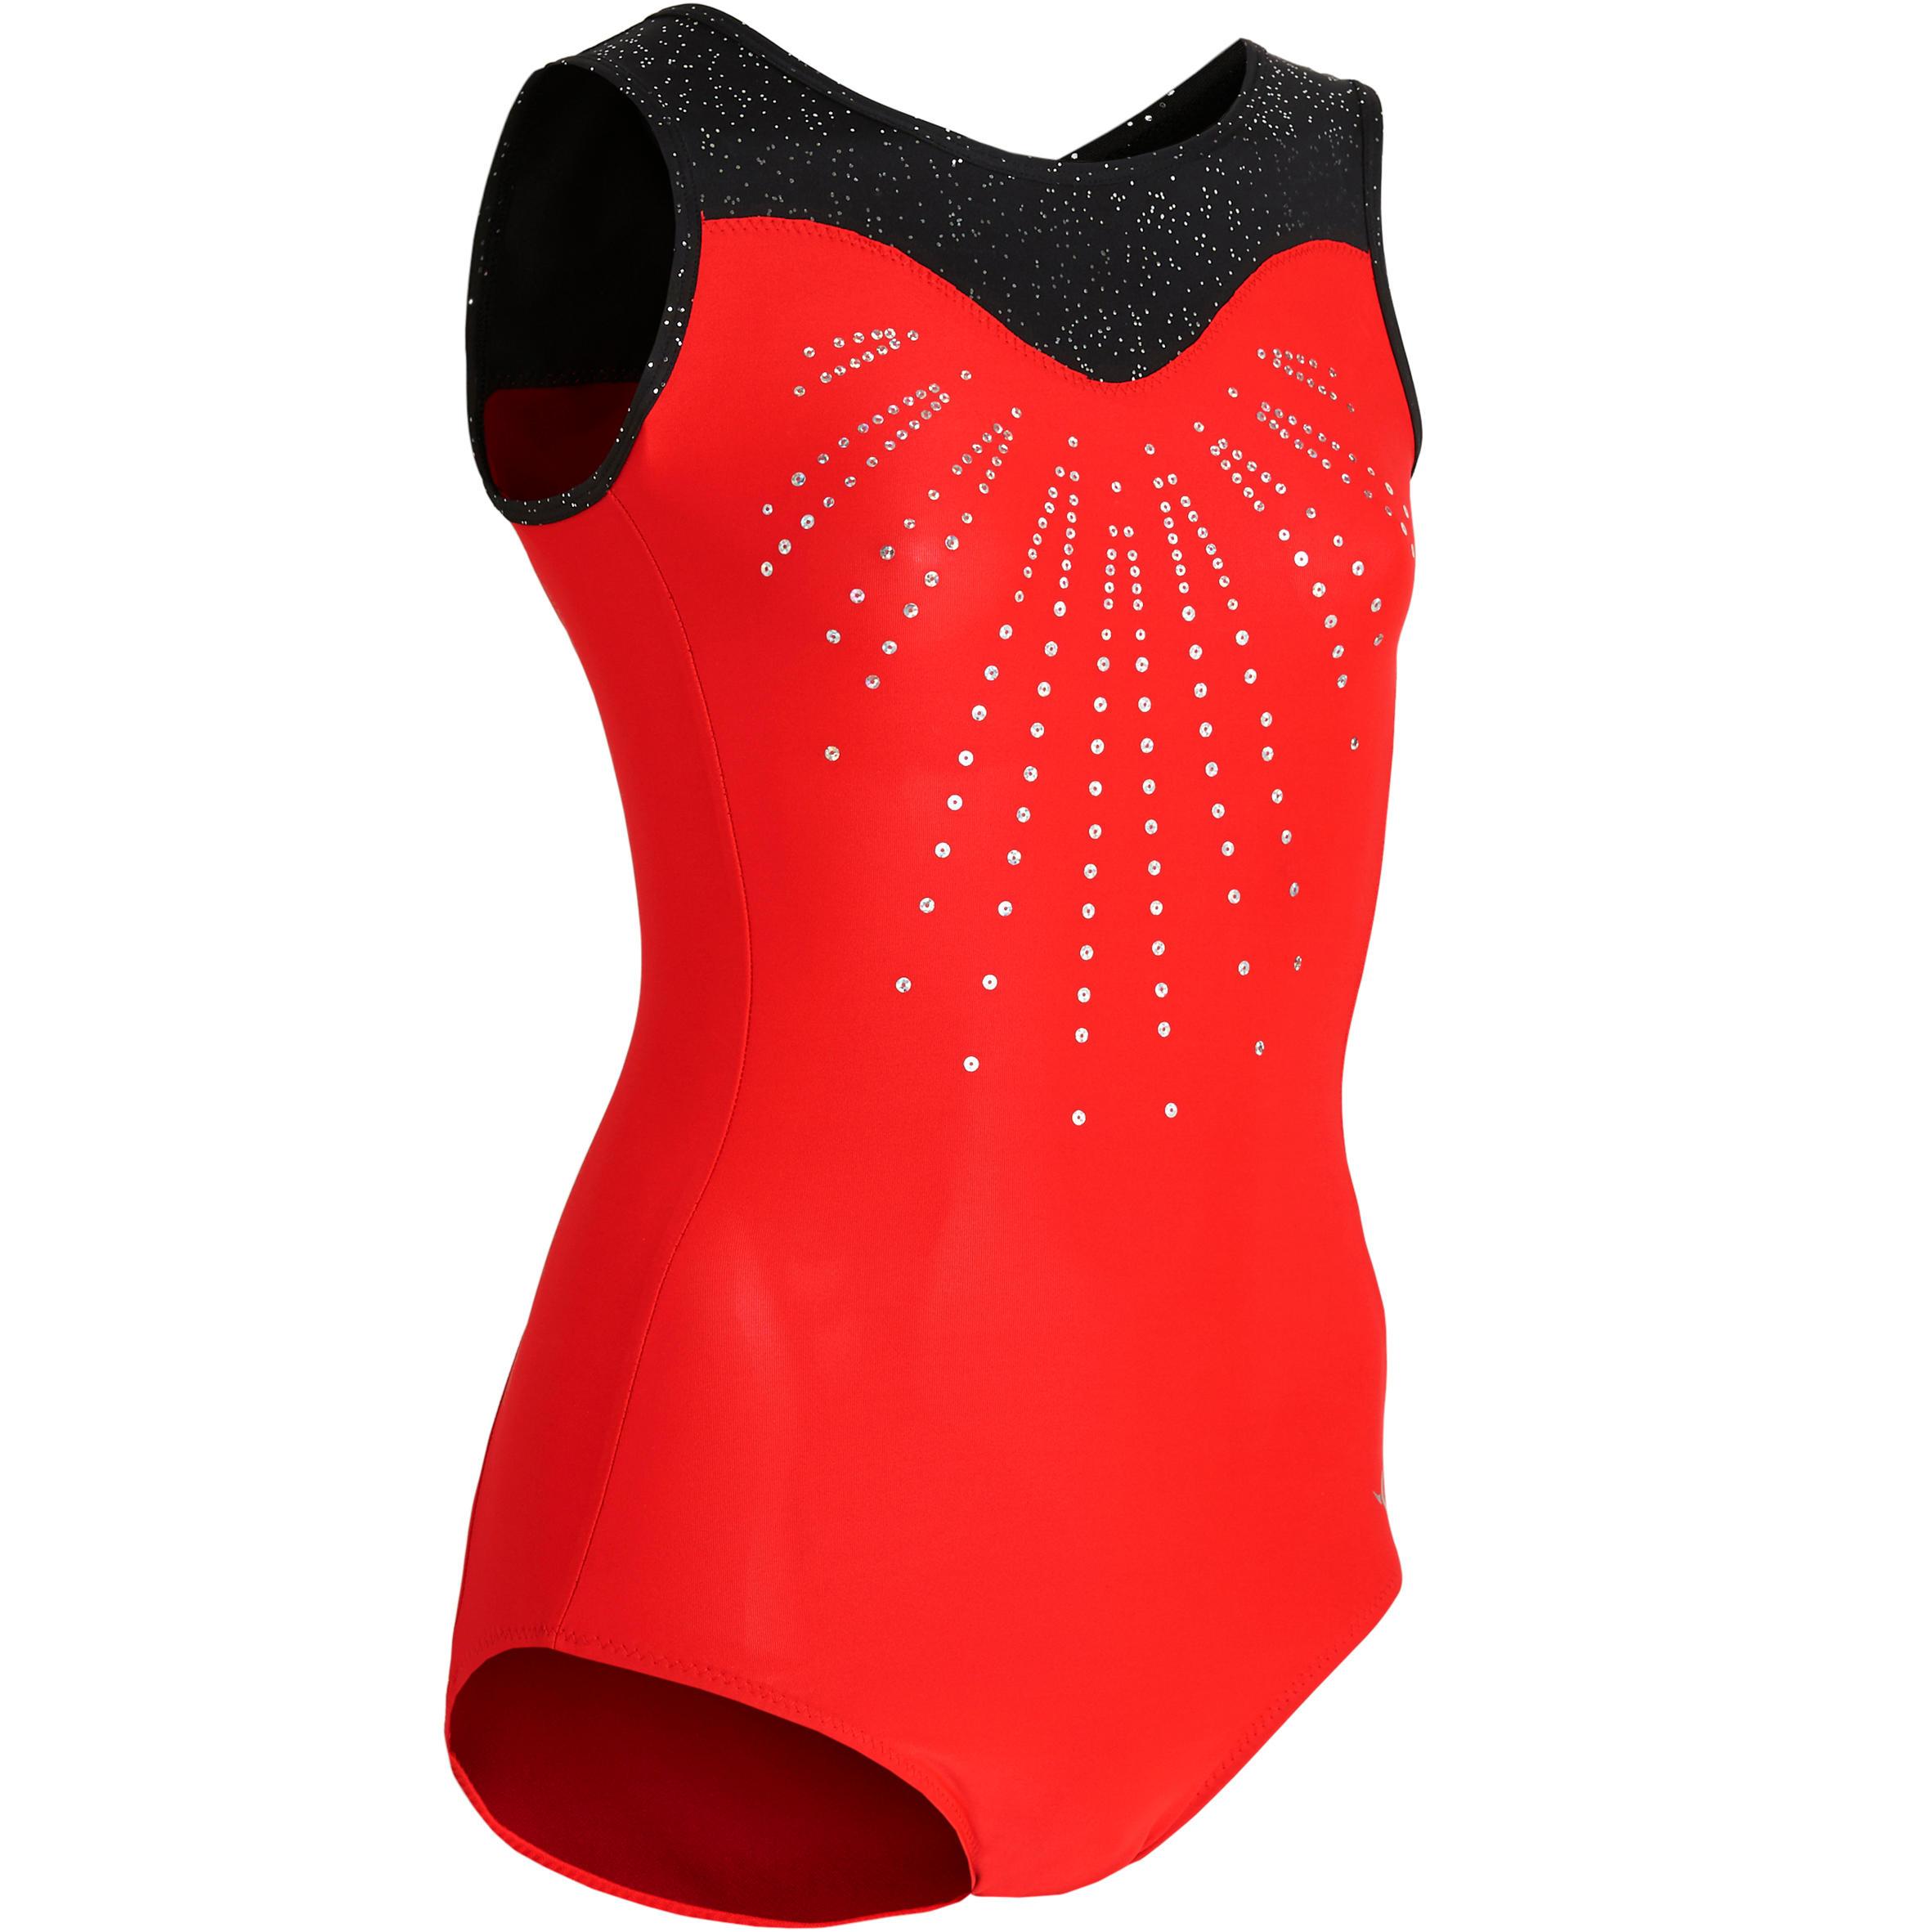 Domyos Justaucorps sans manche rouge et noir 540 SM Gymnastique Artistique Féminine - Domyos